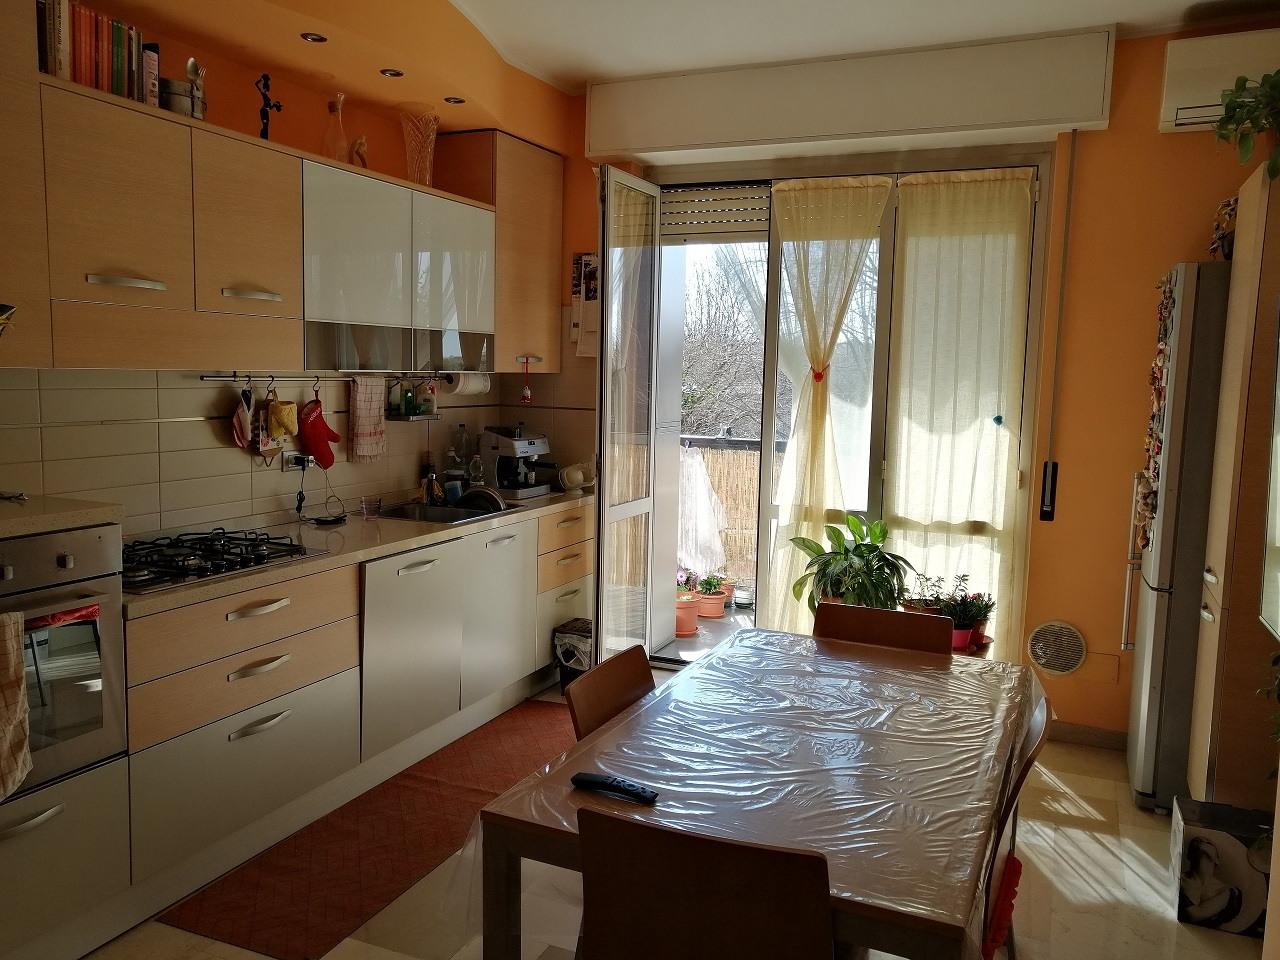 appartamenti-in-vendita-milano-baggio-2-locali-via-valle-antrona-8-spaziourbano-immobiliare-vene-7